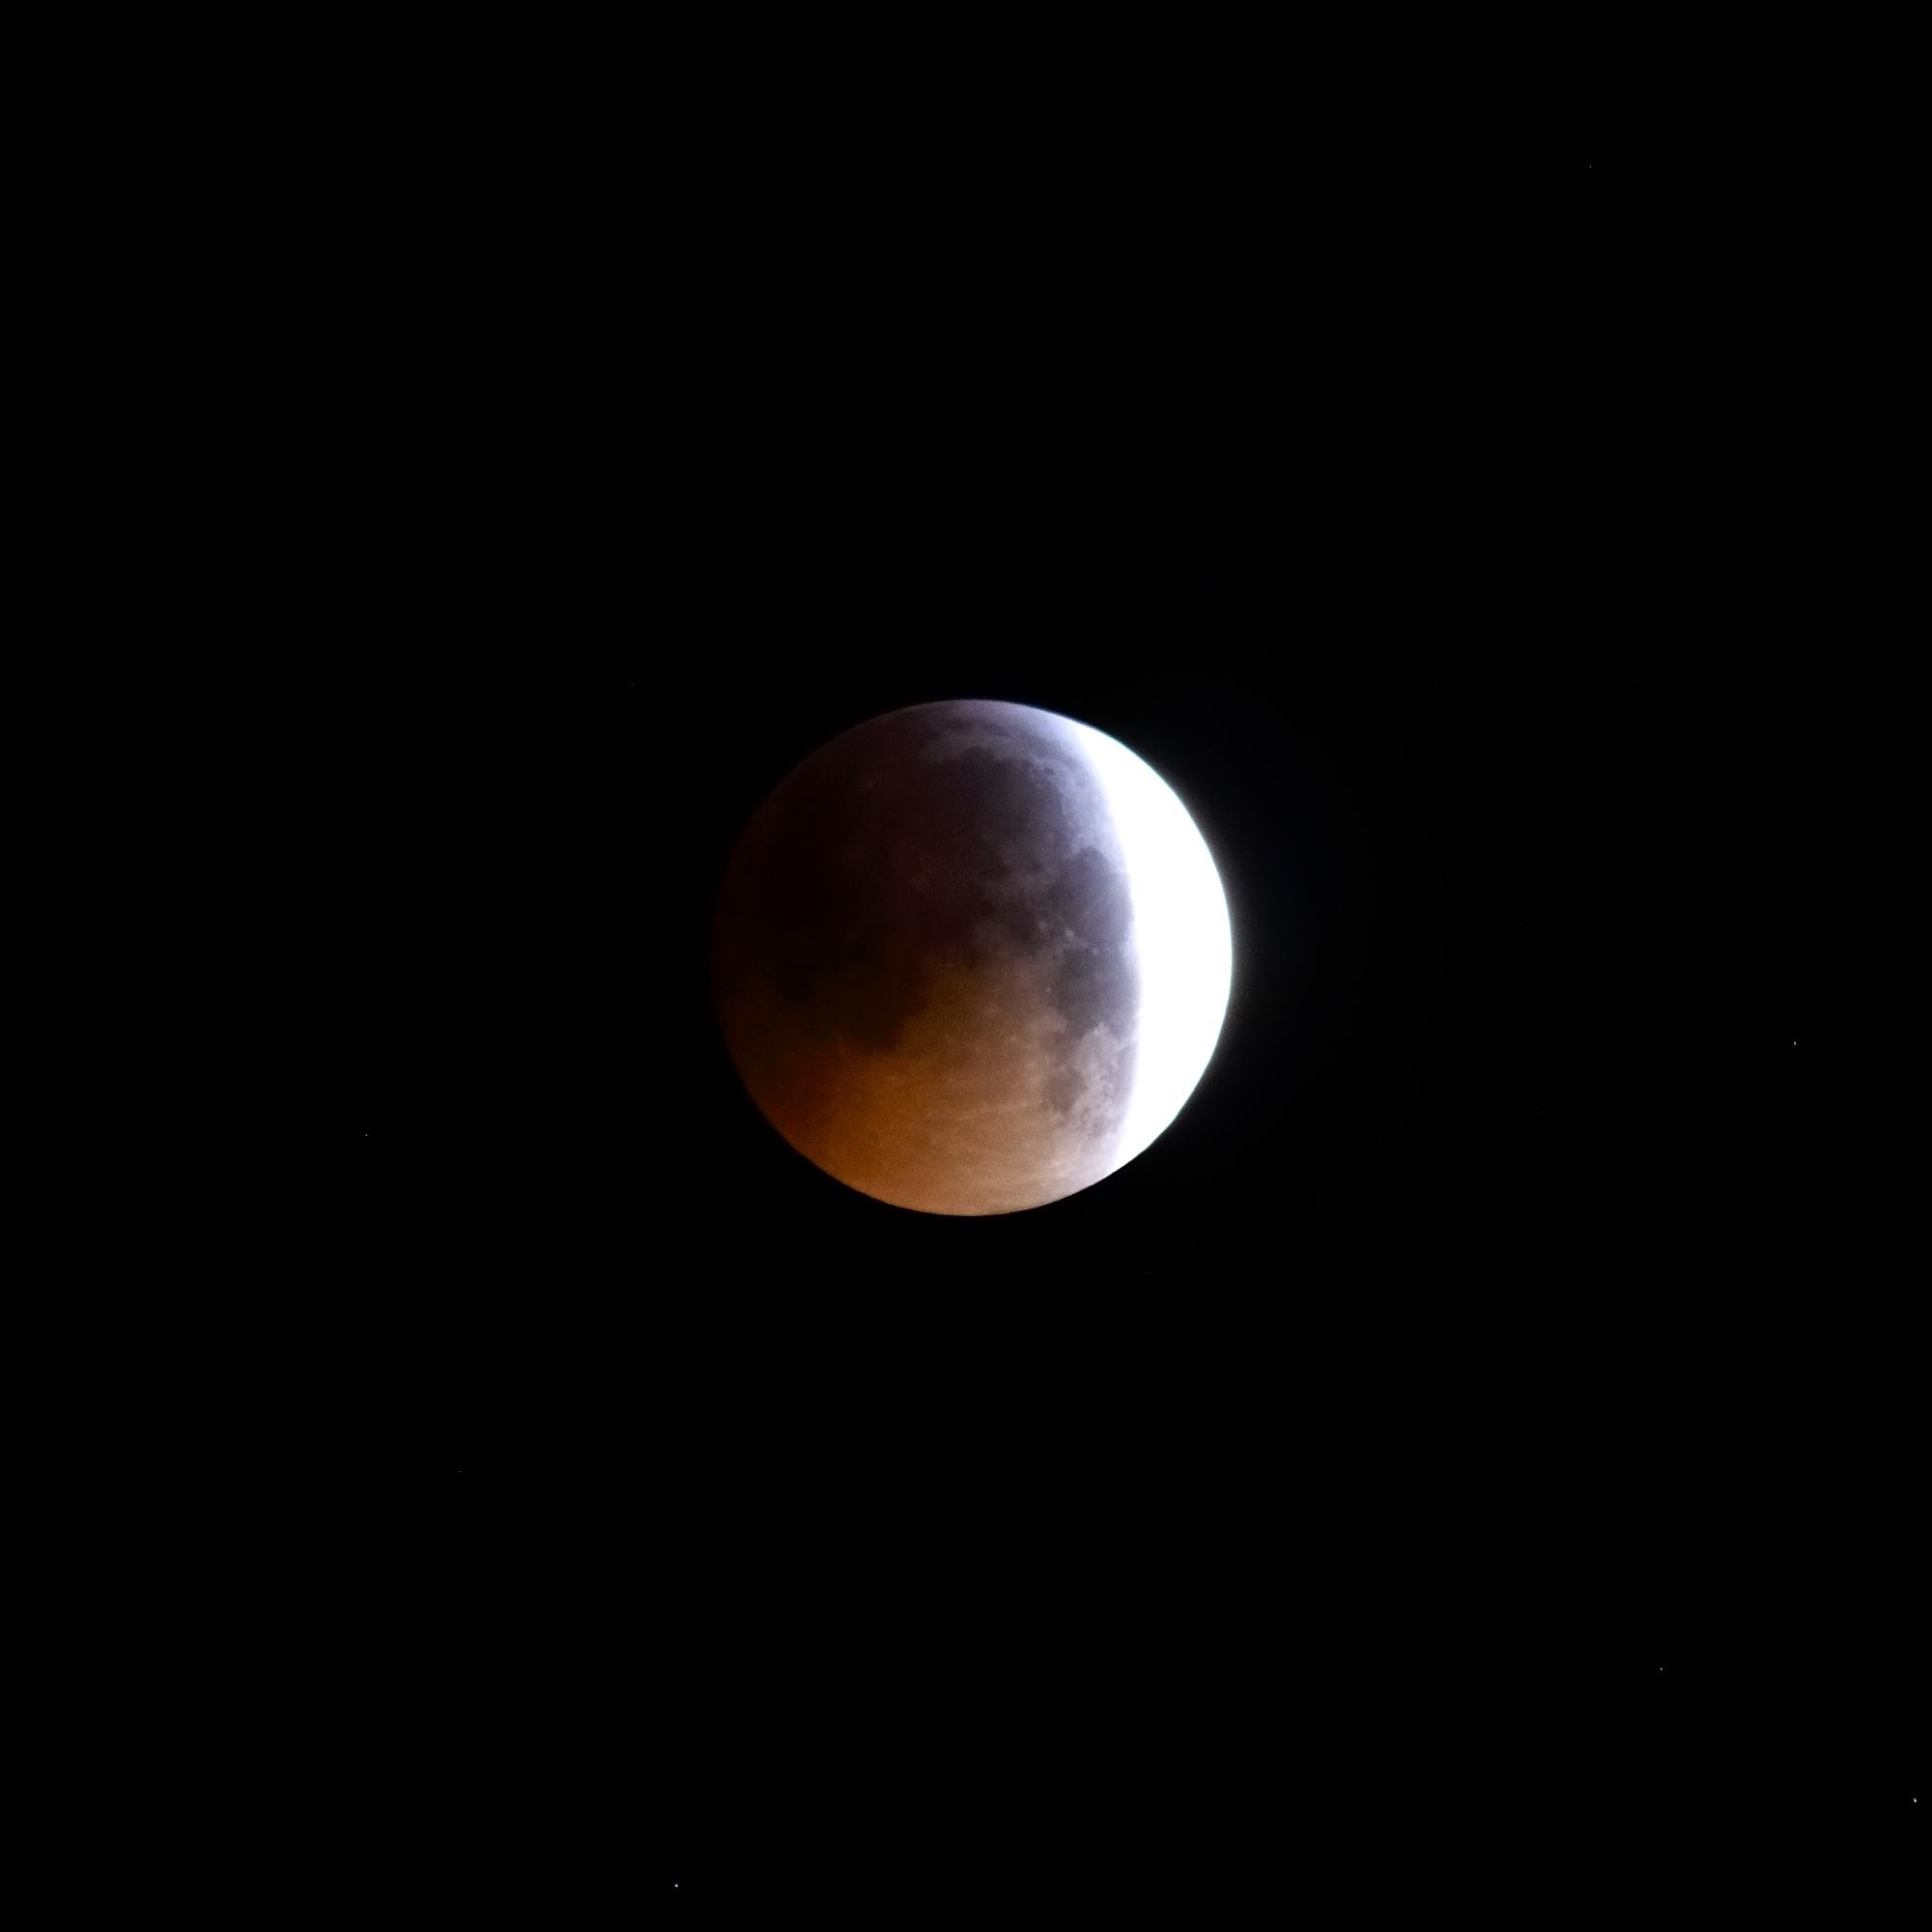 Eclipse de la Lune, le 21/01/19 : 2019-012